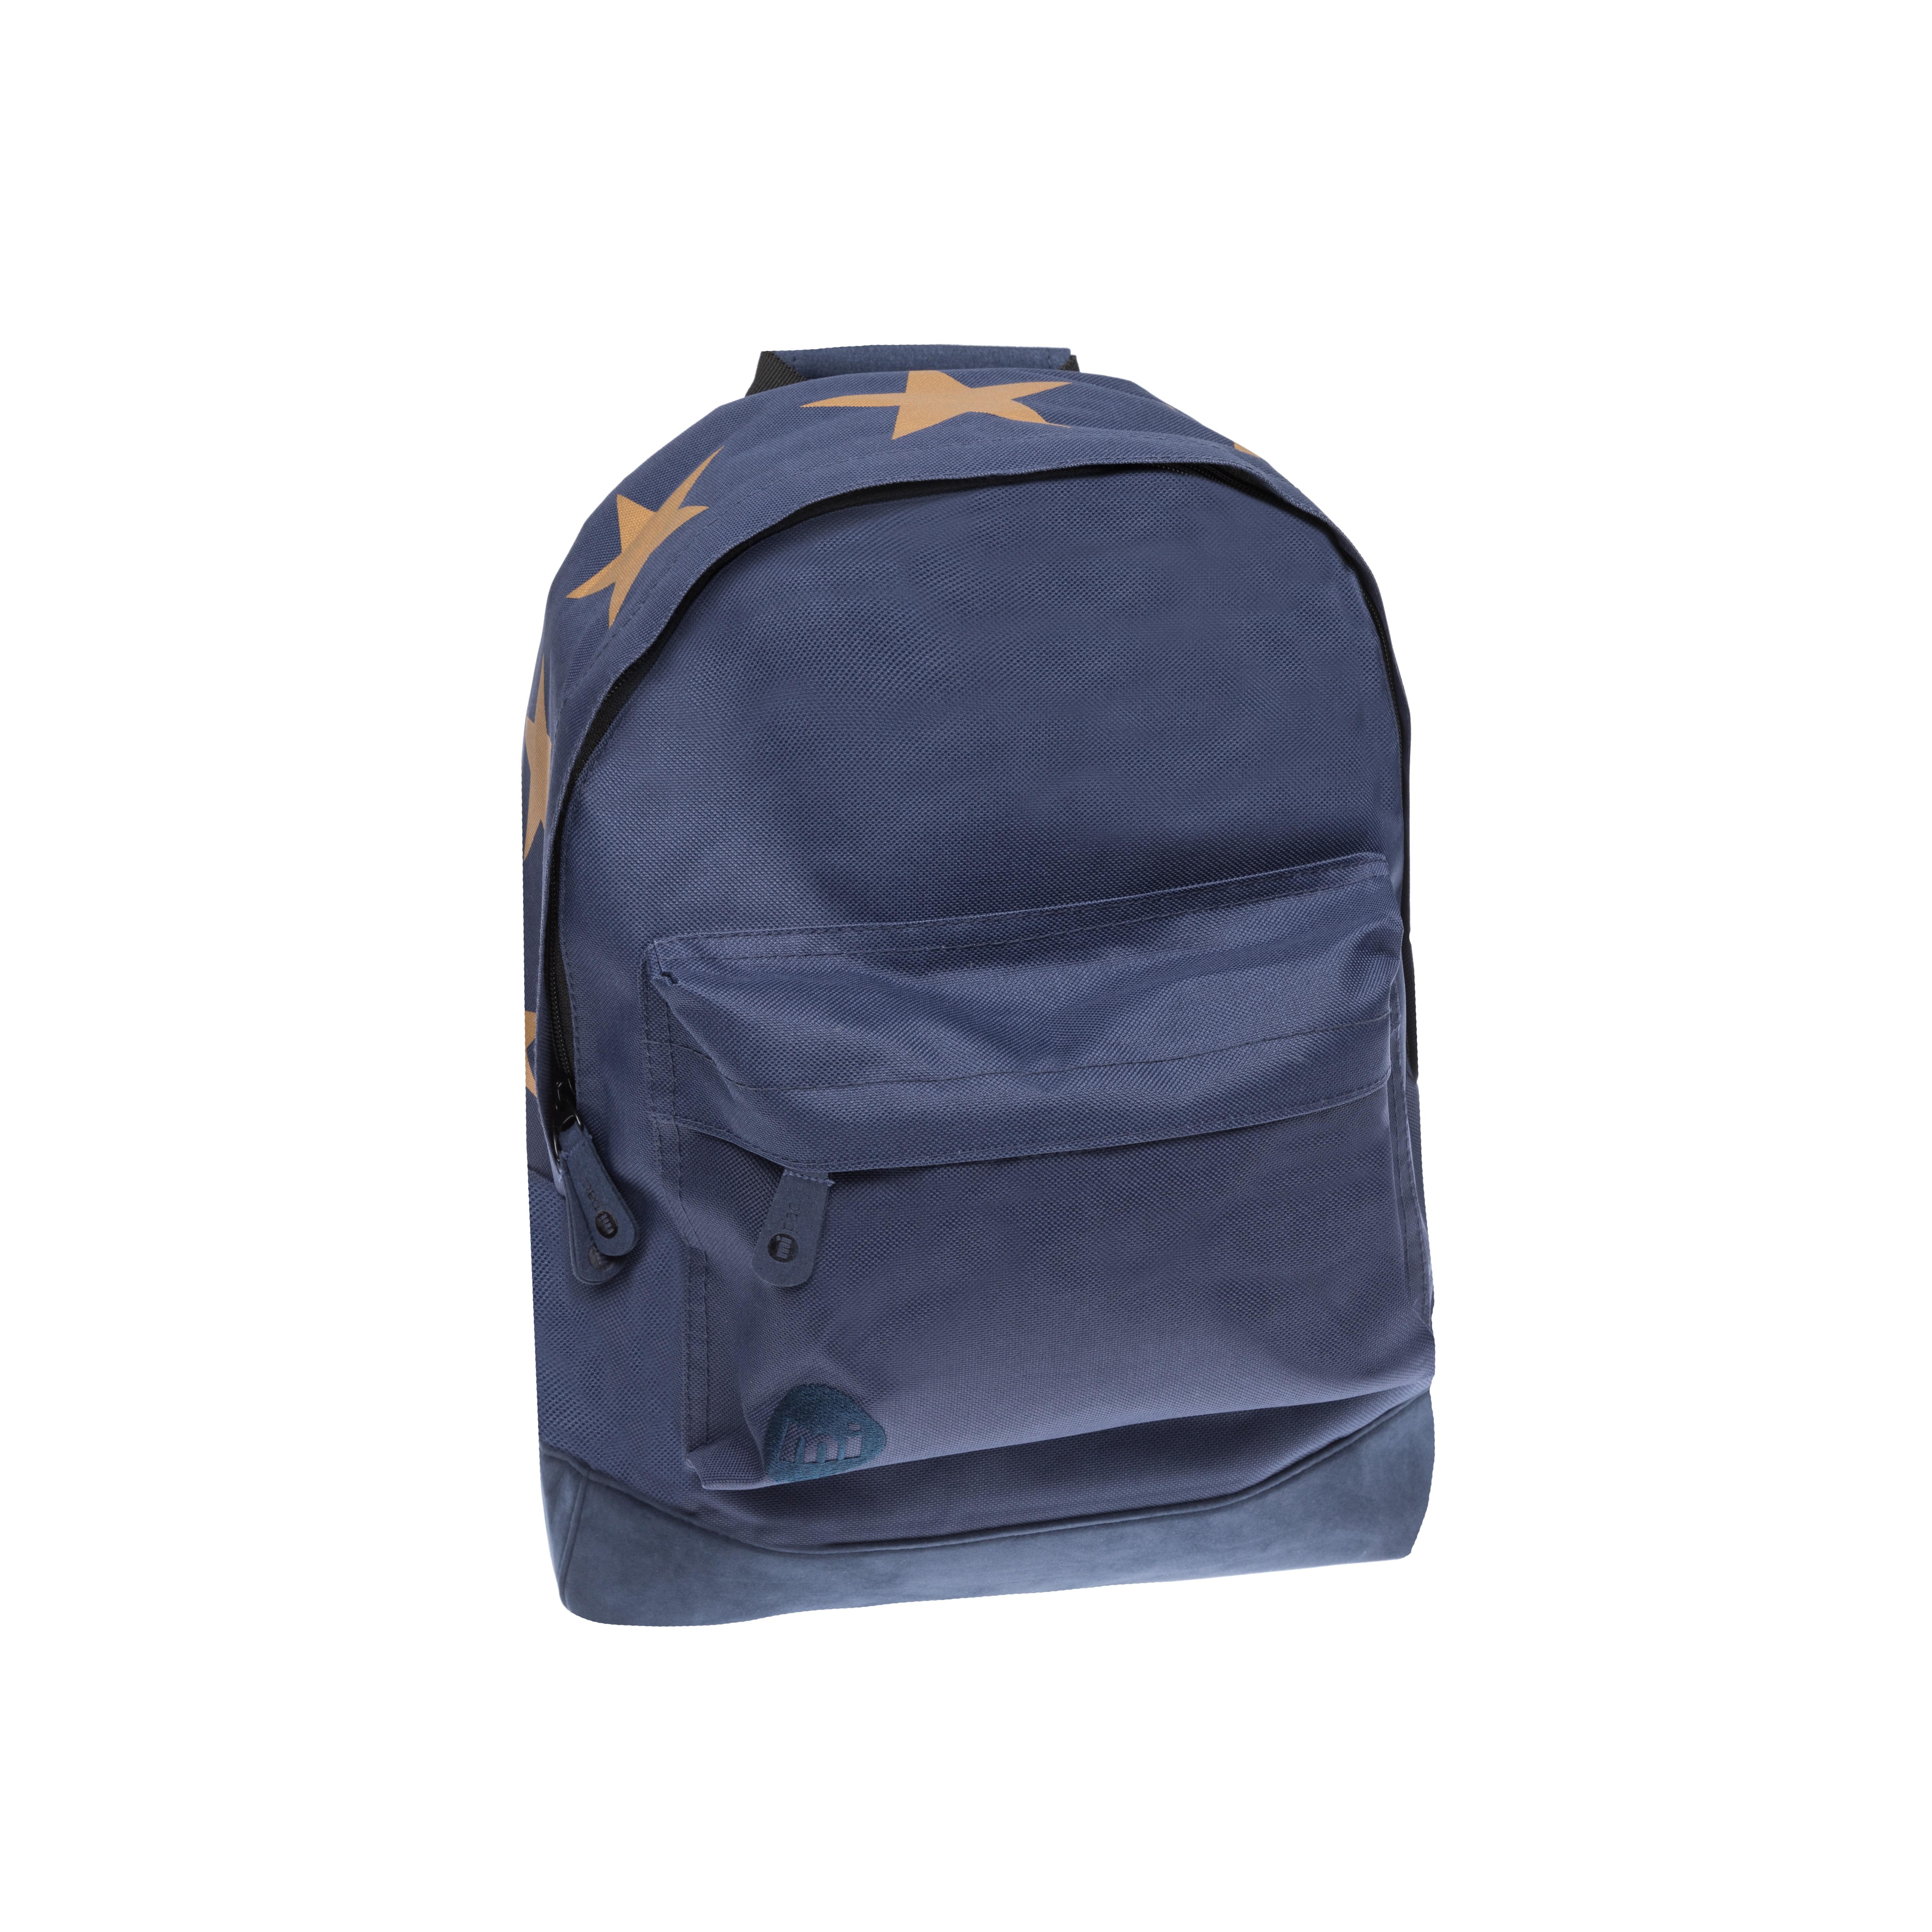 MIPAC – Γυναικεία τσάντα Mi-Pac Topstars μπλε 1577597.0-17W1